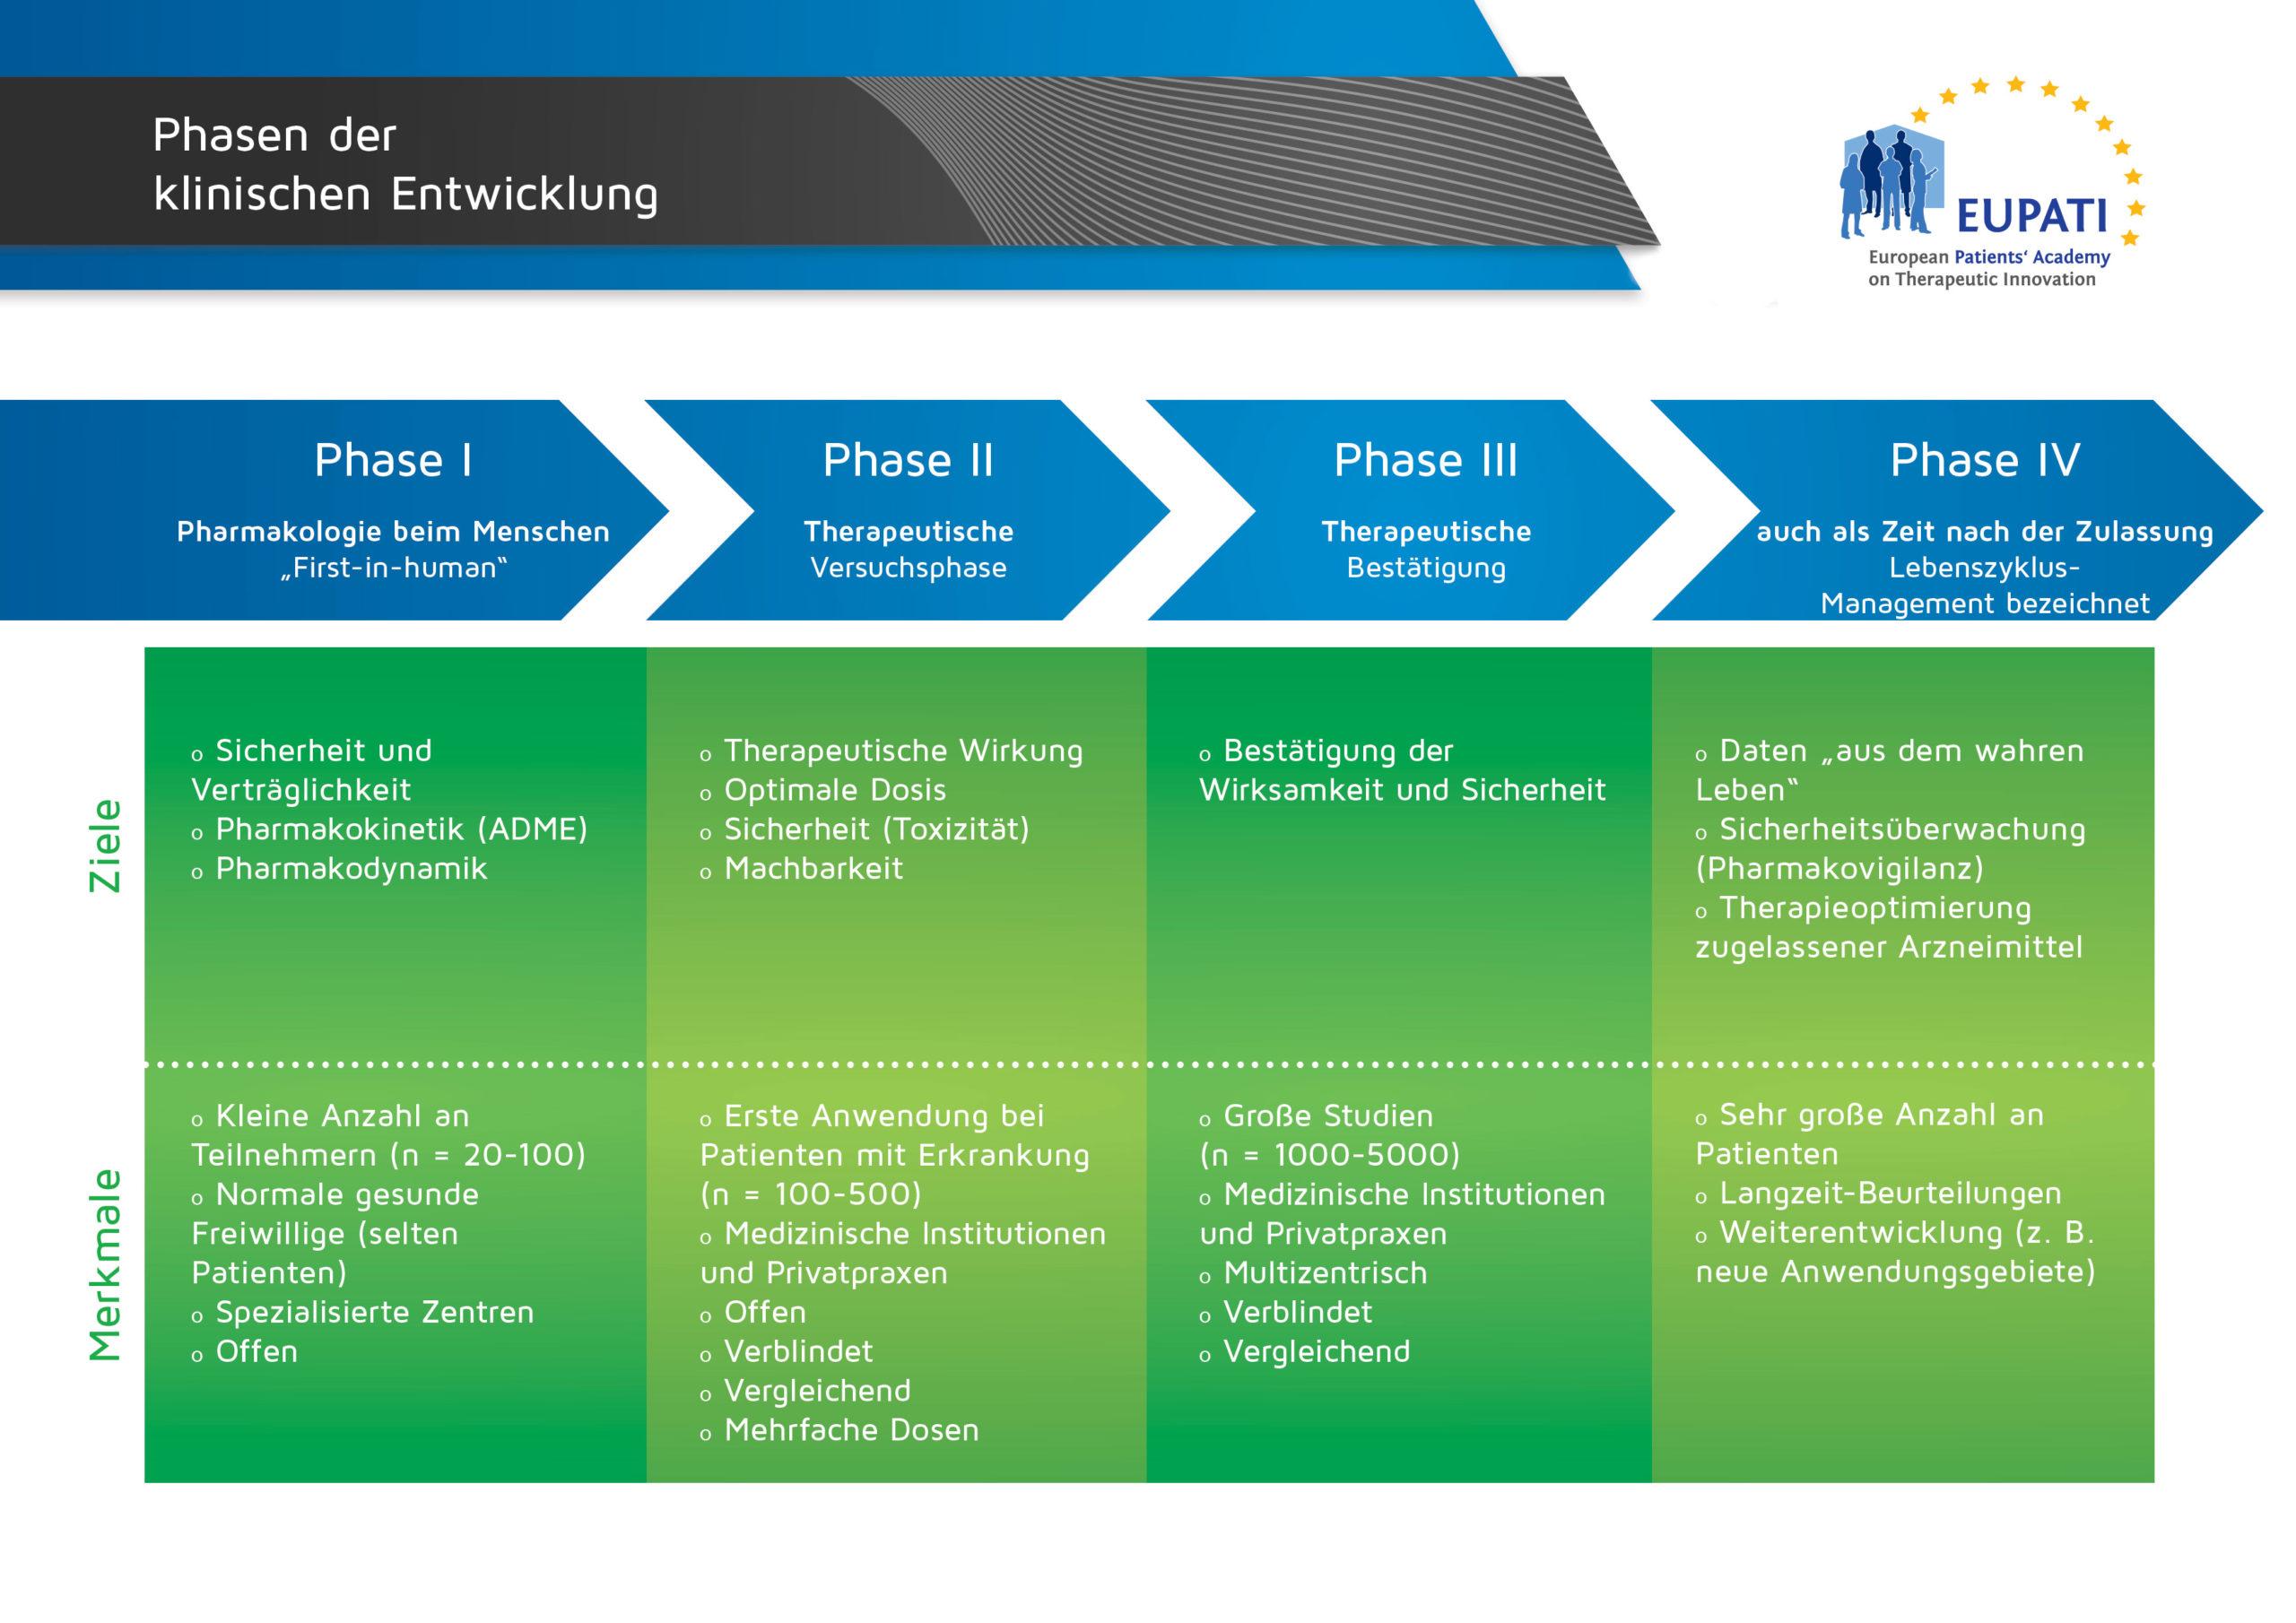 Die vier Phasen der klinischen Entwicklung unterscheiden sich in Bezug auf ihre Ziele und Merkmale.